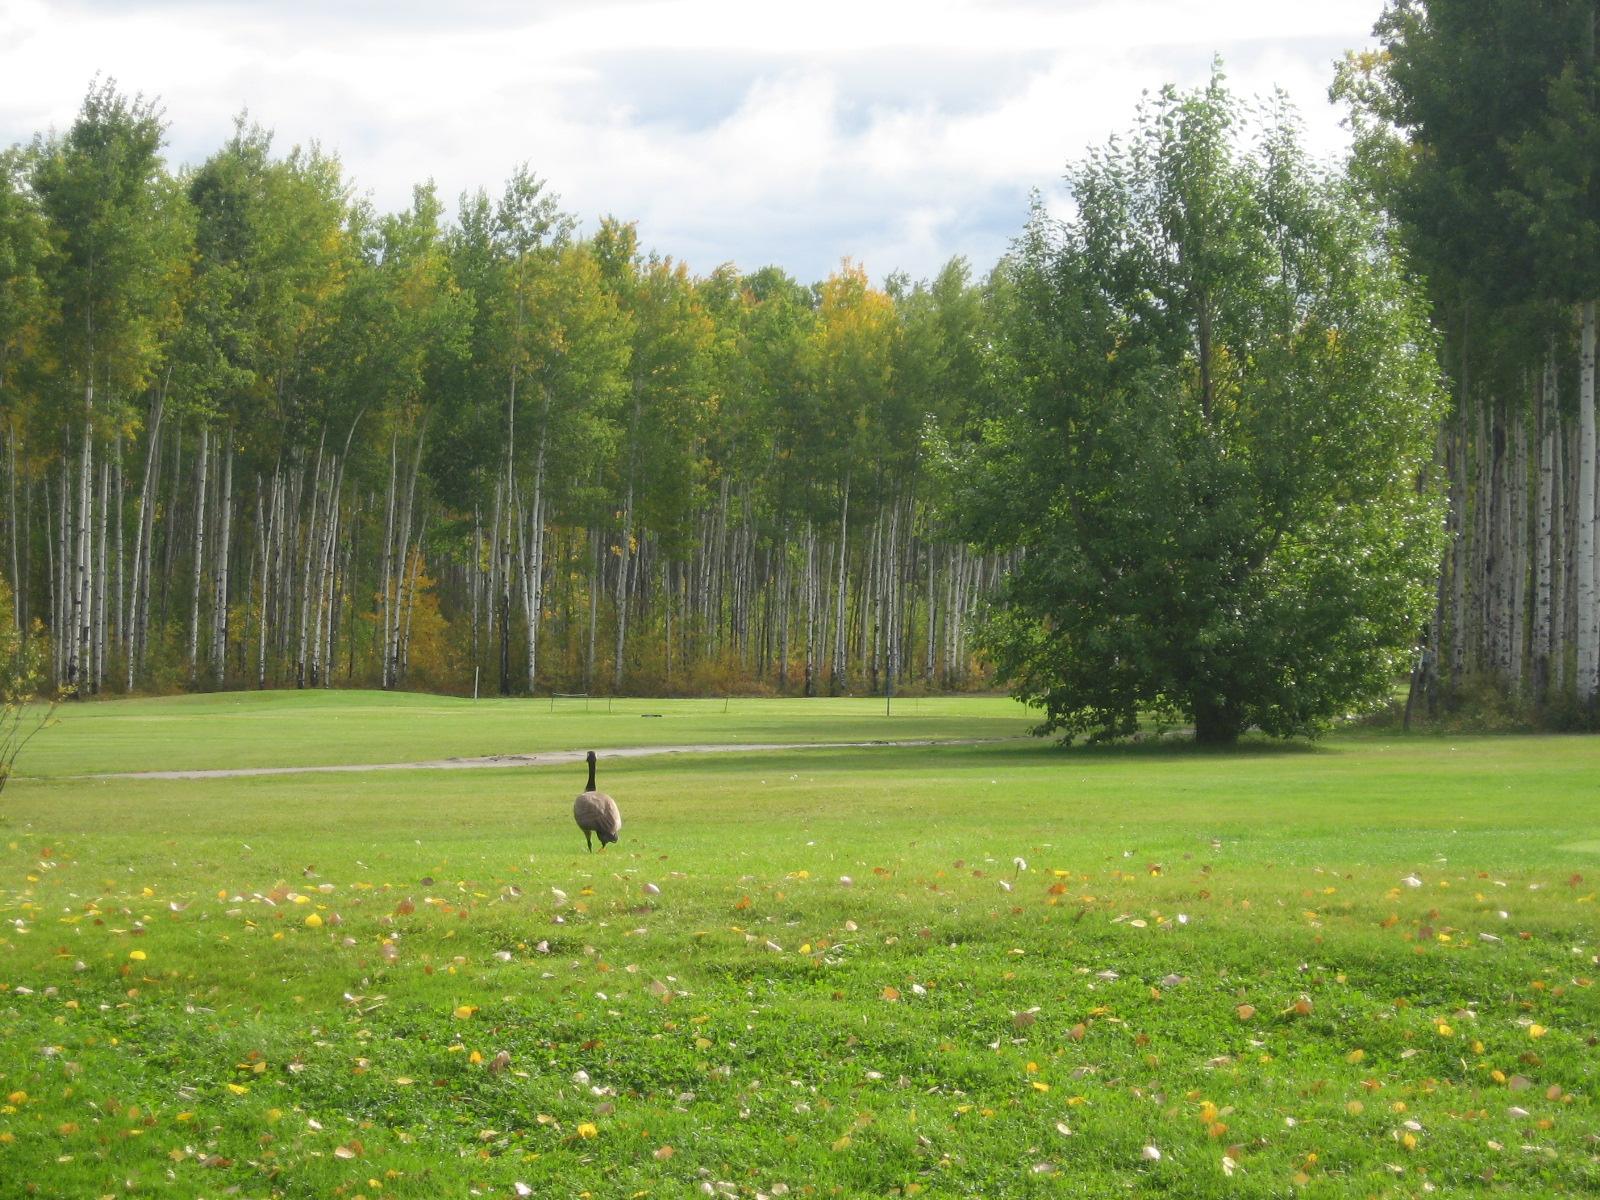 golf-course-goose